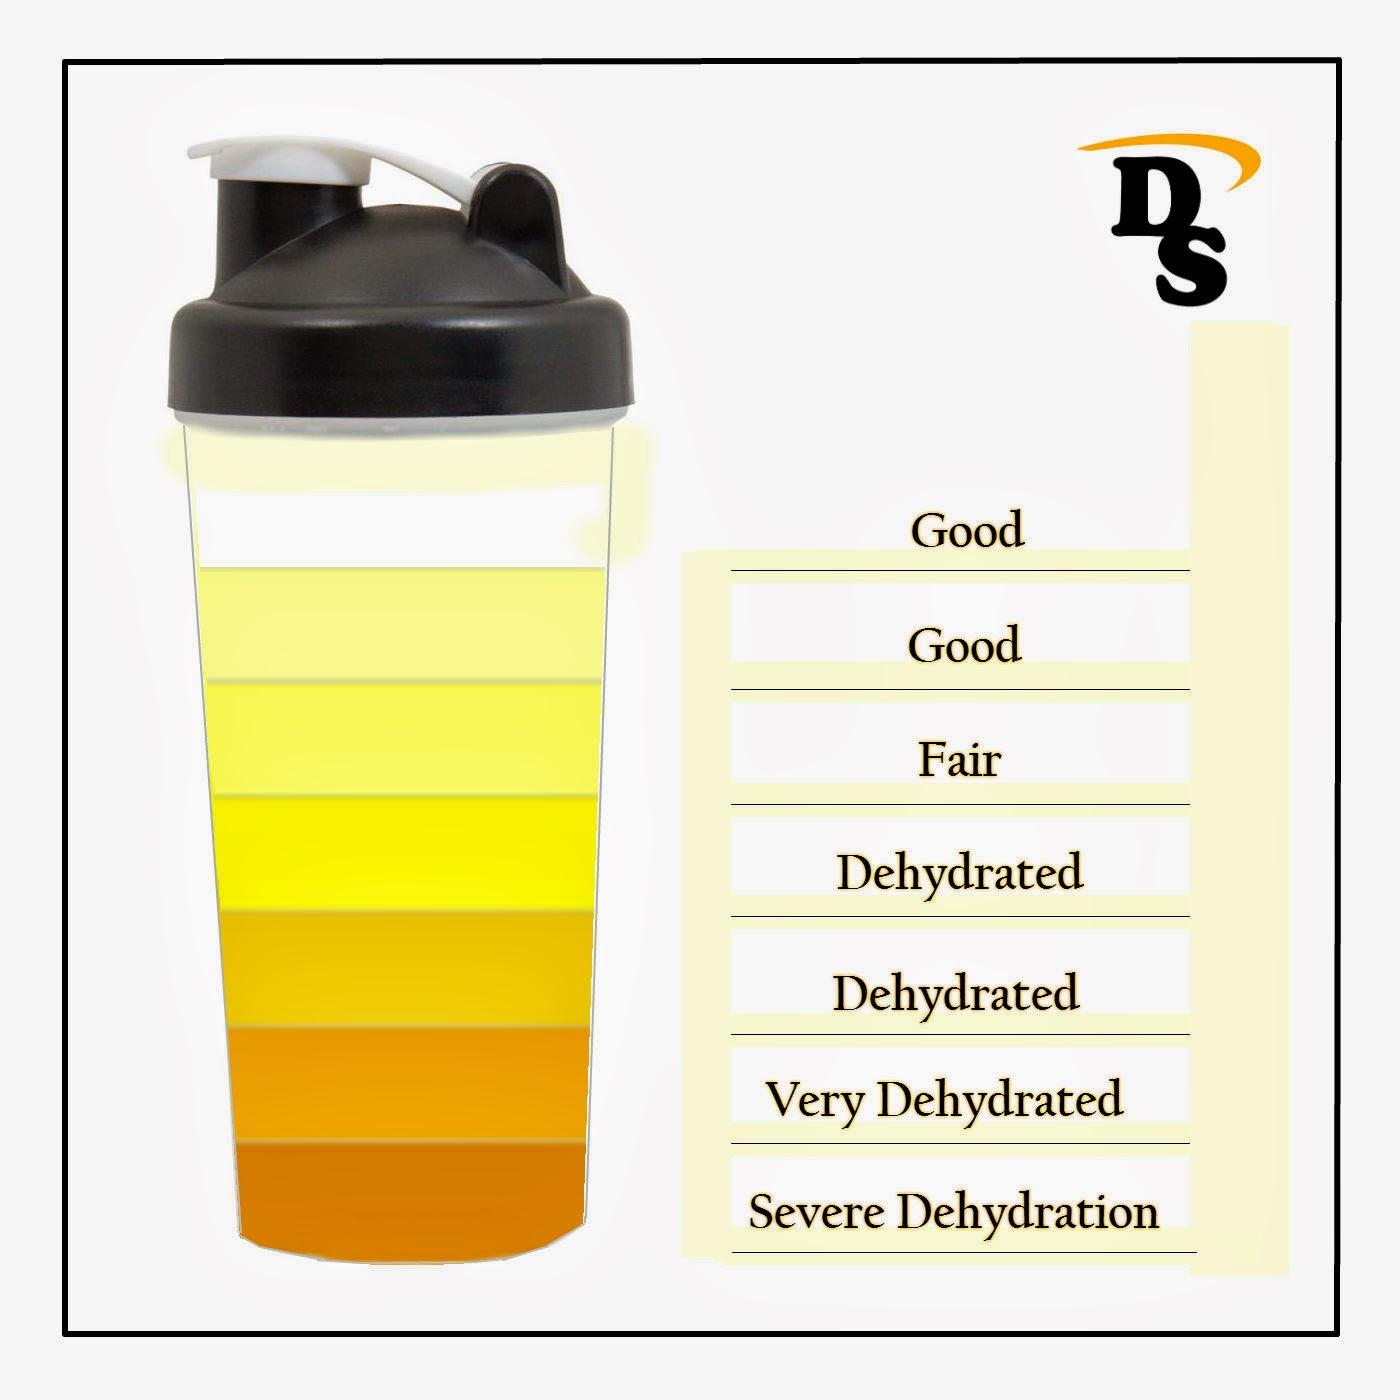 Source: Discount Supplements